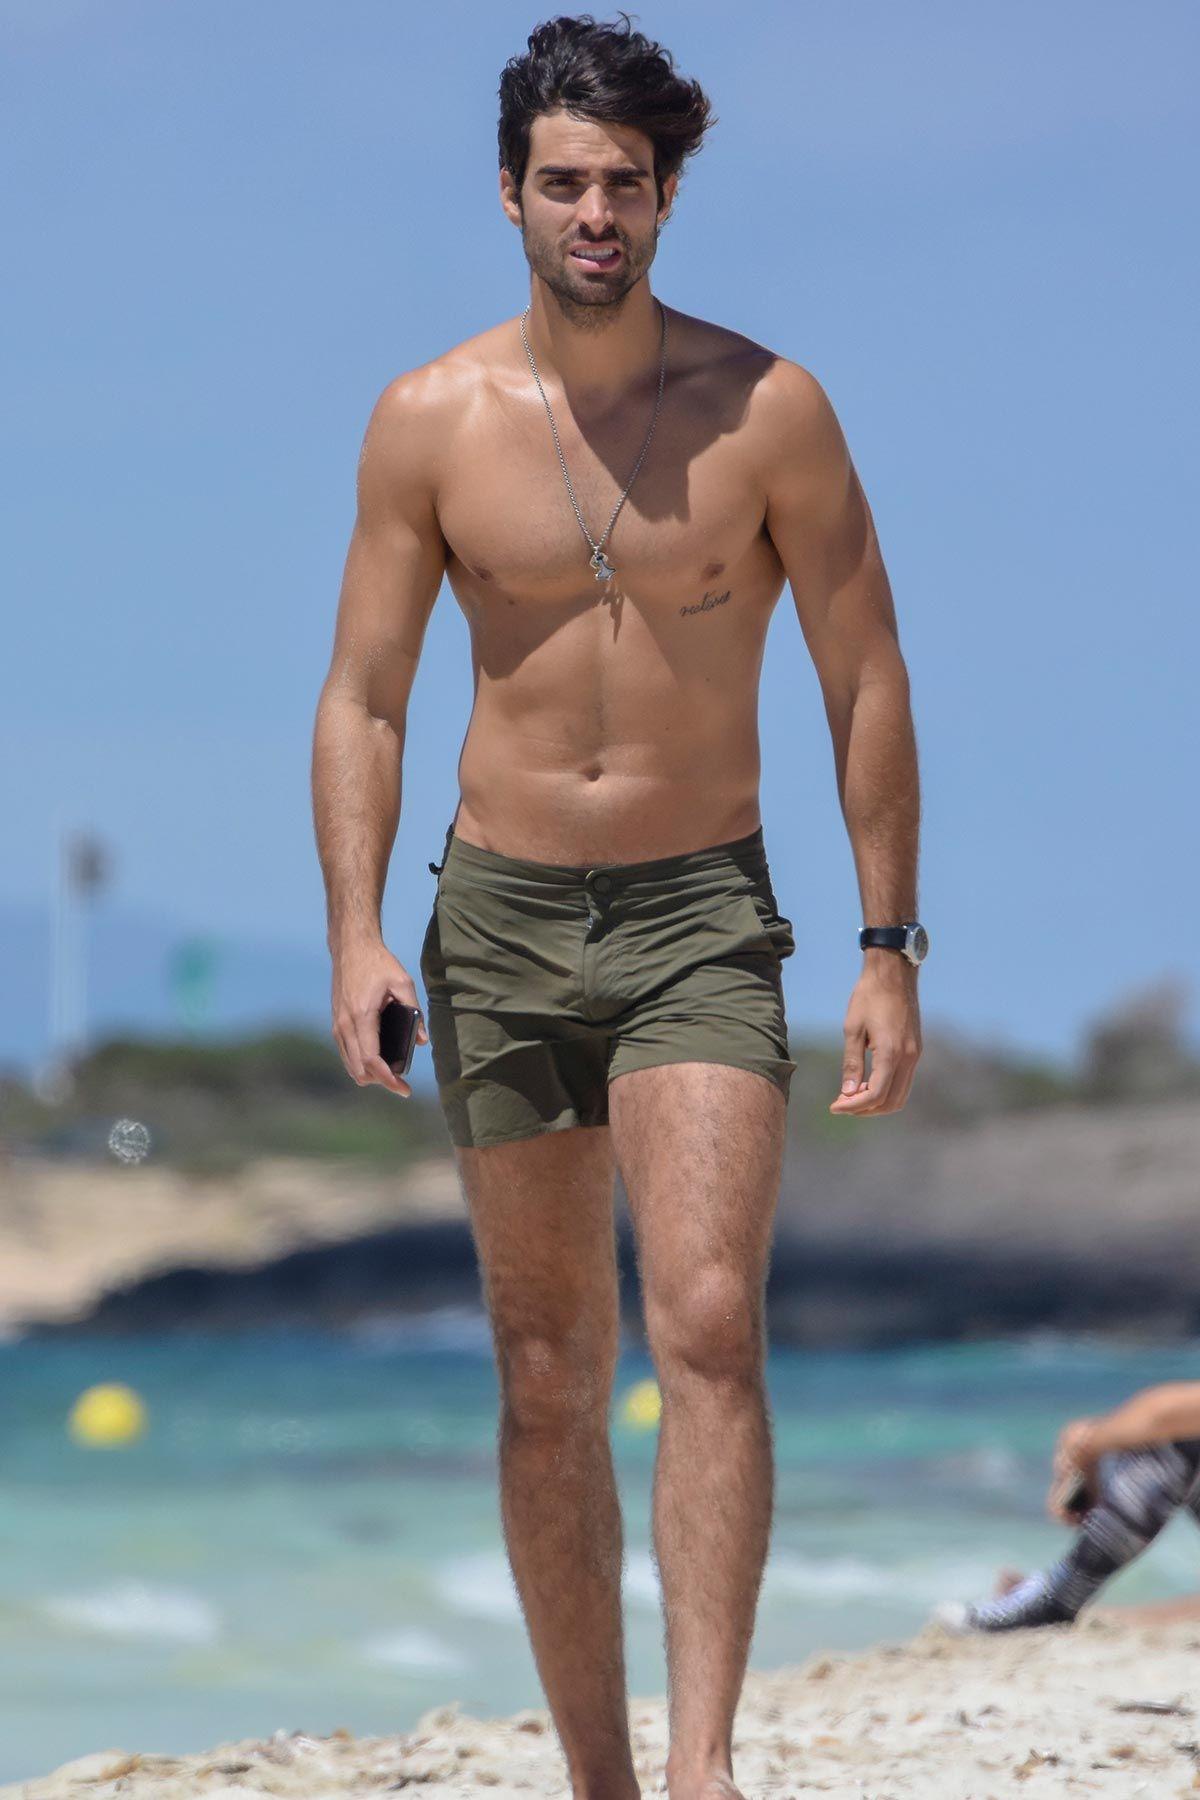 El modeloJuan Betancourt luciendo tipazo en las playas de Ibiza